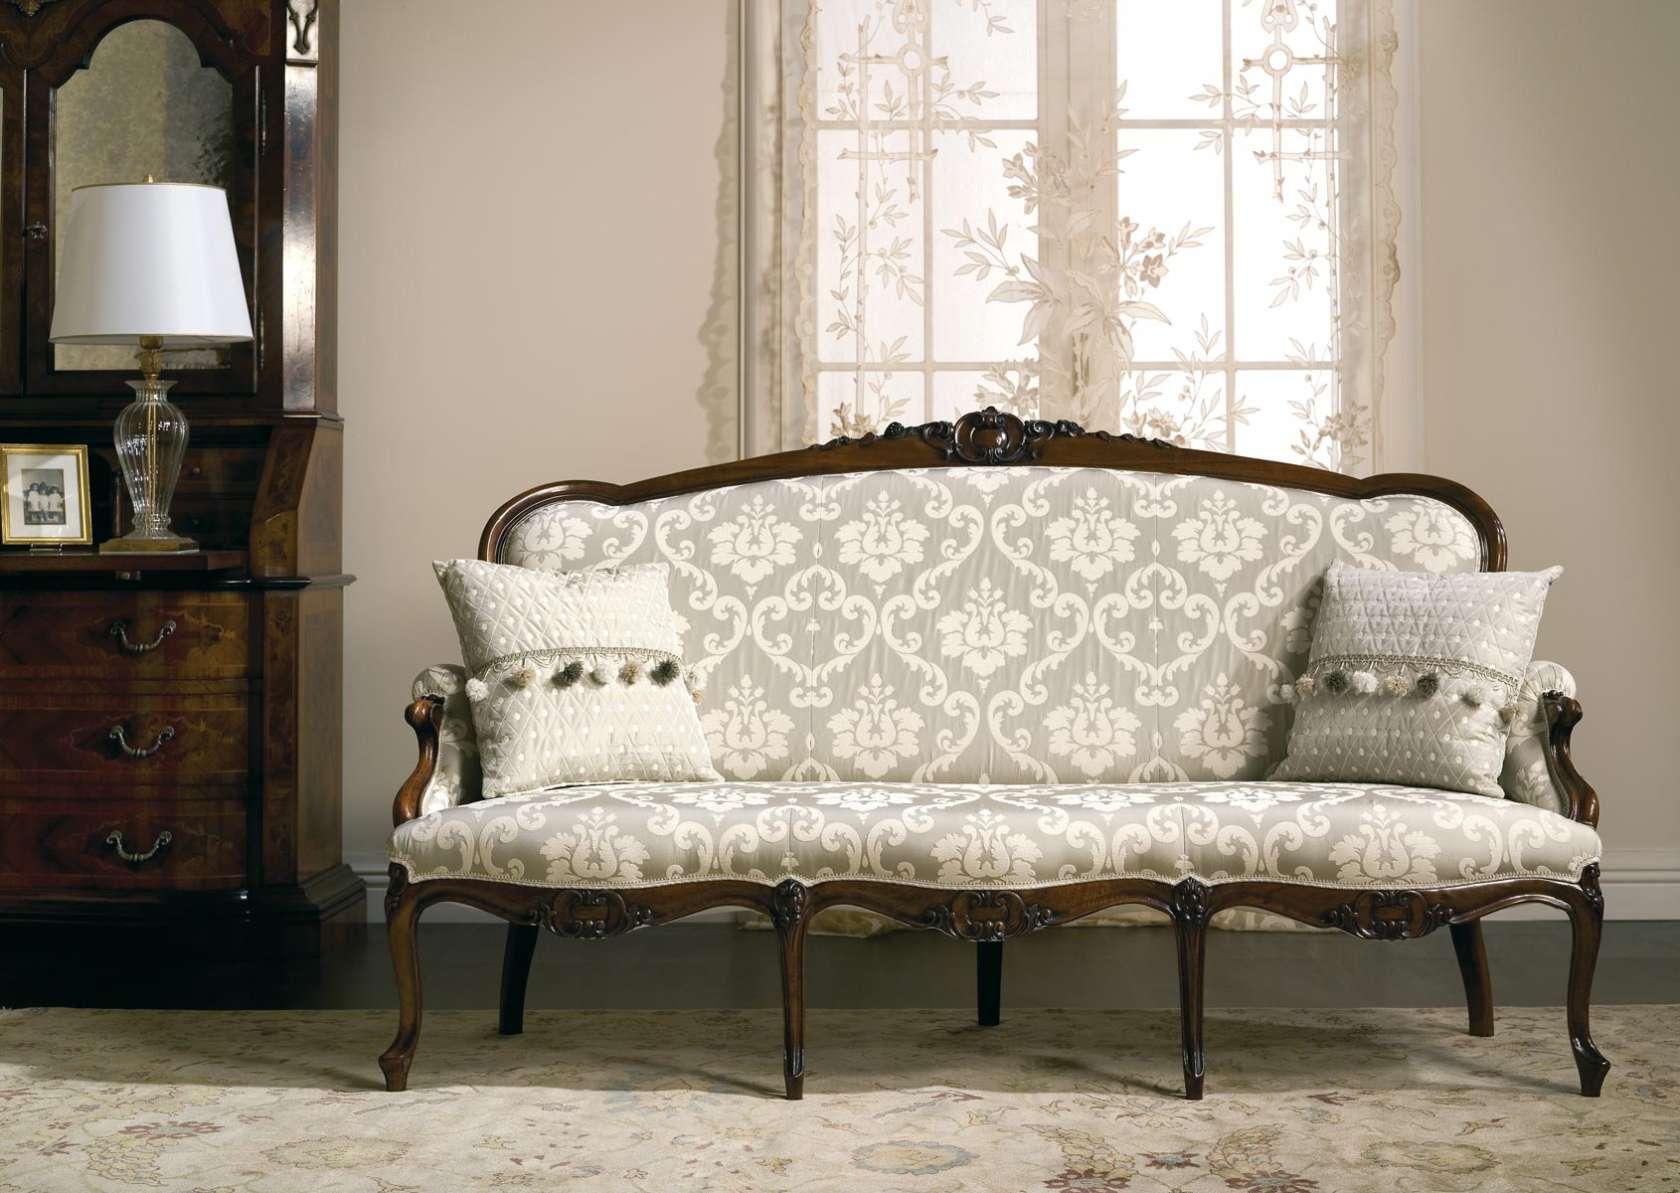 Classic Sofa Carlotta Vimercati Classic Furniture